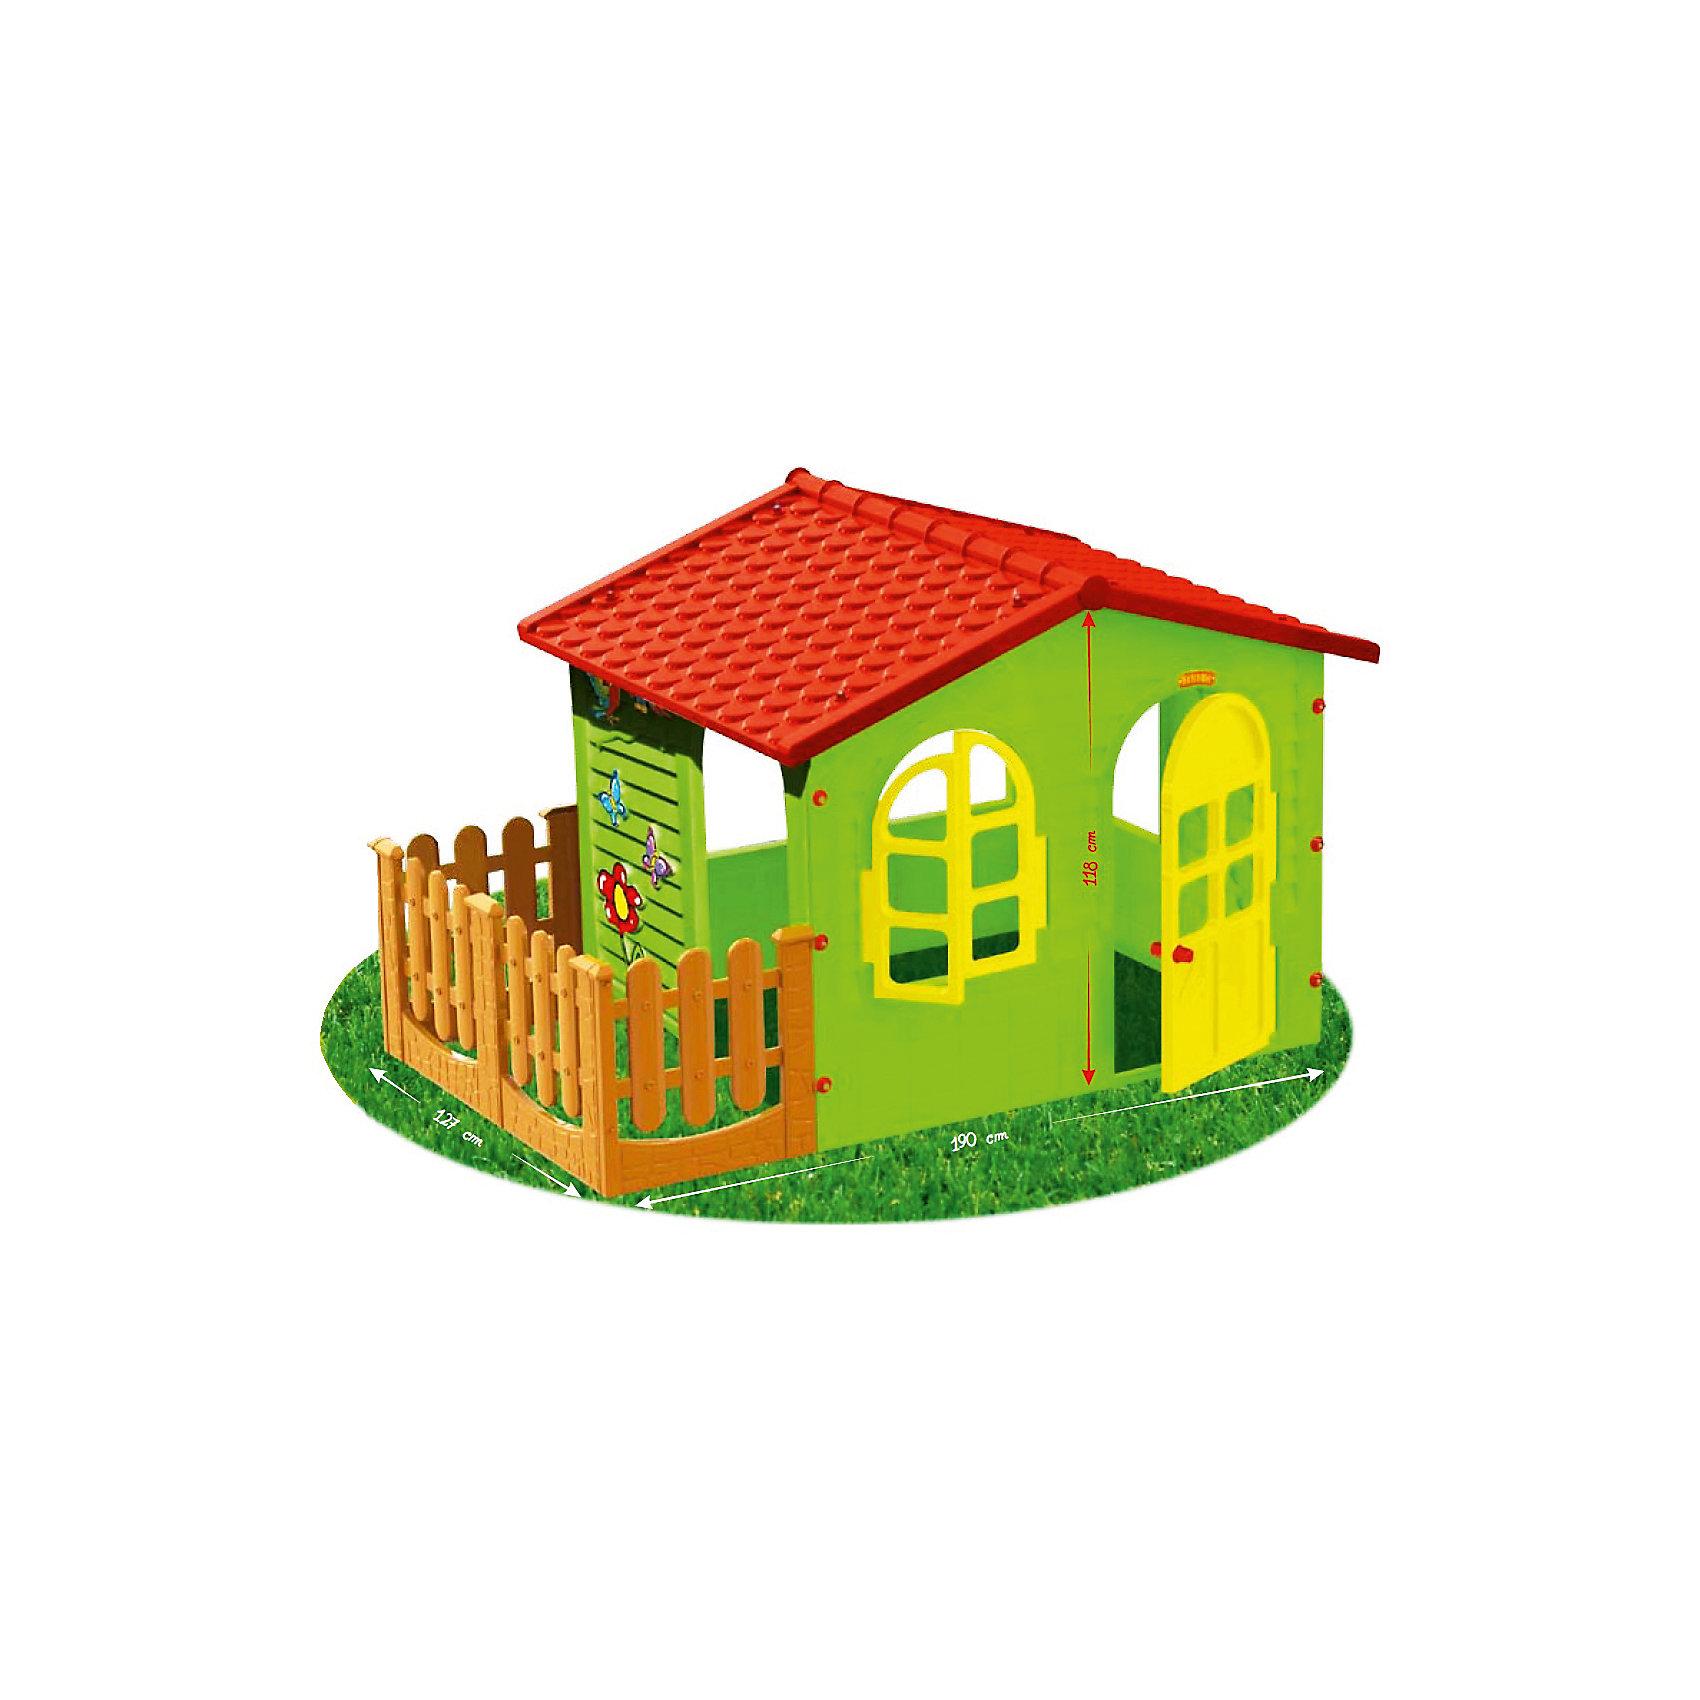 Домик с забором-садовый, MochtoysДомики и мебель<br>Домик с забором-садовый, Mochtoys.<br><br>Характеристики:<br><br>• Для детей в возрасте: от 1 года<br>• Размер домика с забором: 190 х 127 х 118 см.<br>• Размер домика без забора: 150 х 127 х 118 см.<br>• Конструкция сборная (собирается с помощью пластиковых болтов и гаек)<br>• Материал: пластик<br>• Цвета: зеленый, красный, желтый, коричневый<br>• Размер упаковки: 115х20х132 см.<br>• Вес: 21,2 кг.<br><br>Домик с забором-садовый, Mochtoys идеально подойдет для игр вашего ребенка на открытом воздухе и в помещении! Размеры домика достаточны, чтобы вместить несколько детей одновременно, что обеспечивает невероятные возможности для совместных игр малышей. В домике есть окна, дверь и дверной проем, для выхода во дворик огороженный забором. Одно из окон оборудовано открывающейся рамой. Дверь домика открывается. Одна из стен домика украшена бабочками, попугайчиками и цветком. На крыше имитация черепицы. Двор домика отгорожен коричневым декоративным заборчиком, что создает дополнительное игровое пространство, которое можно использовать для игры в теремок, прятки, в магазин, а также дети смогут там размещать цветочные горшки с настоящими цветами, поливать их, заботиться о них. Дизайн домика продуман таким образом, что у ребенка создается полное впечатление того, что он находится в настоящем доме. Все детали дома надежно фиксируются между собой и не разбалтываются при активной эксплуатации. Конструкция домика устойчивая и надежная, острые края отсутствуют, поэтому он абсолютно безопасен для детей. Изделие выполнено в соответствии с европейскими стандартами качества из высококачественного, прочного пластика. Материал не выгорает на солнце и морозоустойчив (не боится морозов до -15 градусов). Домик прост в уходе, его можно мыть на даче из шланга проточной водой.<br><br>Домик с забором-садовый, Mochtoys можно купить в нашем интернет-магазине.<br><br>Ширина мм: 1900<br>Глубина мм: 1270<br>Высота мм: 1180<br>Вес г: 21200<br>Возра